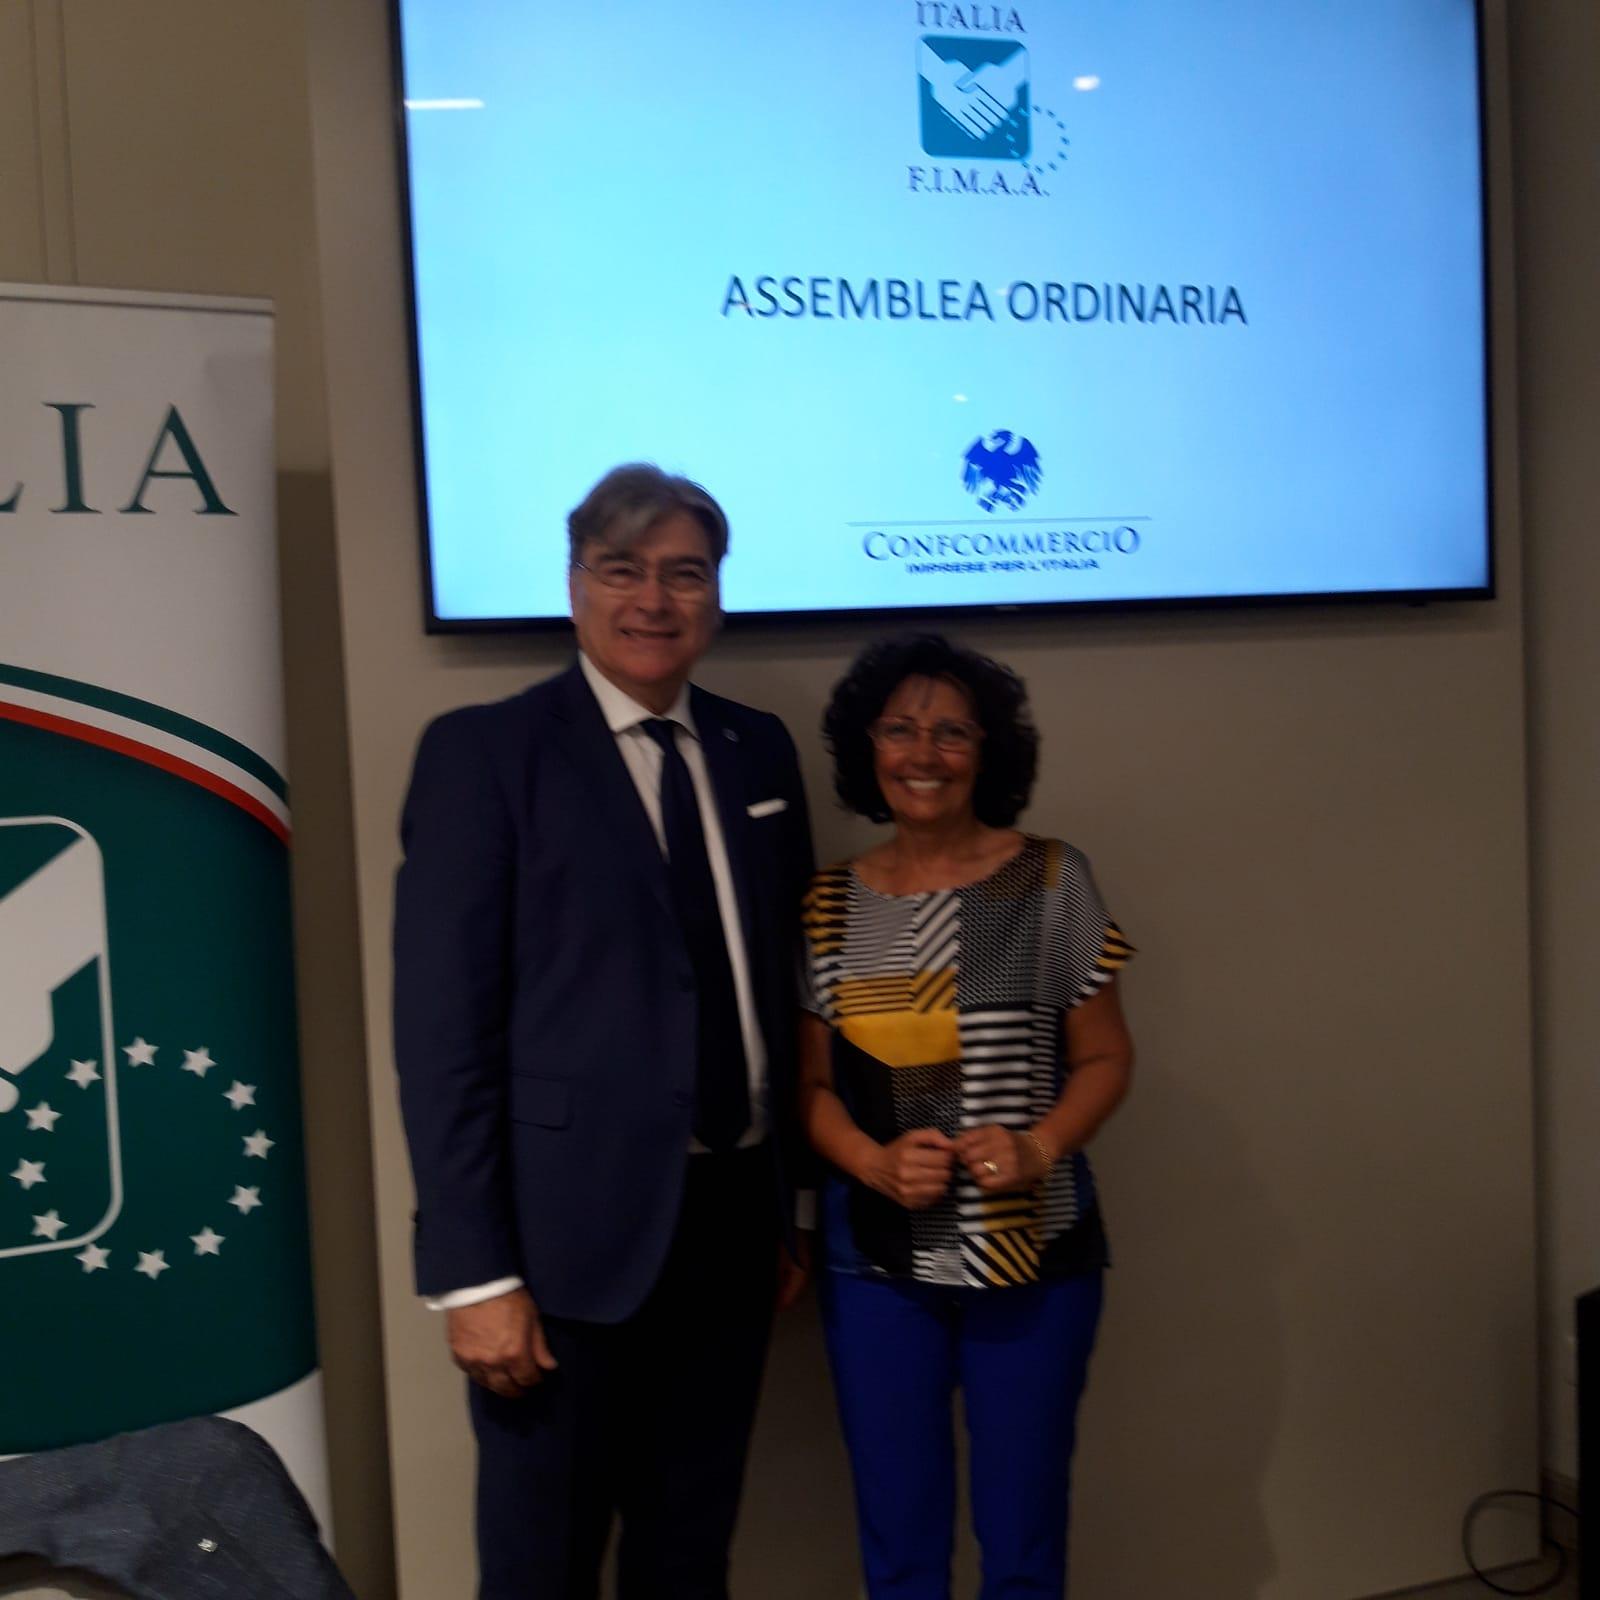 Dina D'Onofrio confermata al vertice della FIMAA Molise.